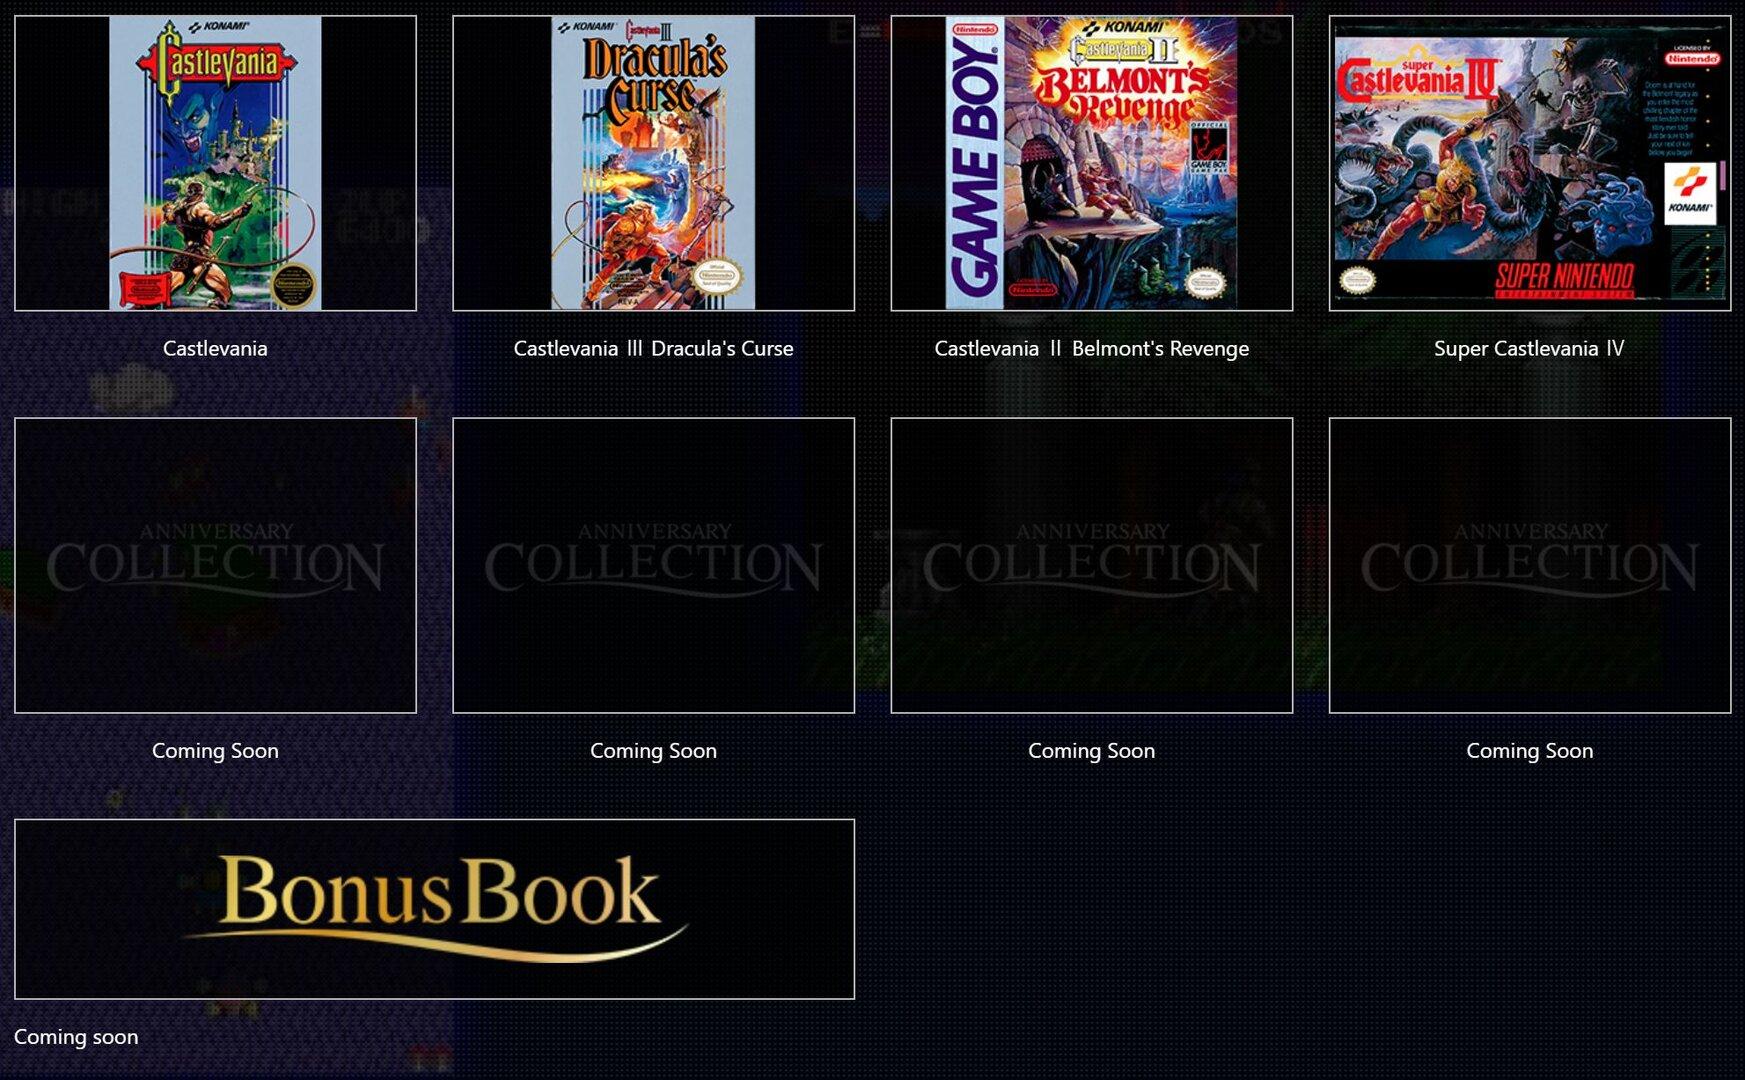 Inhalt der Castlevania Collection